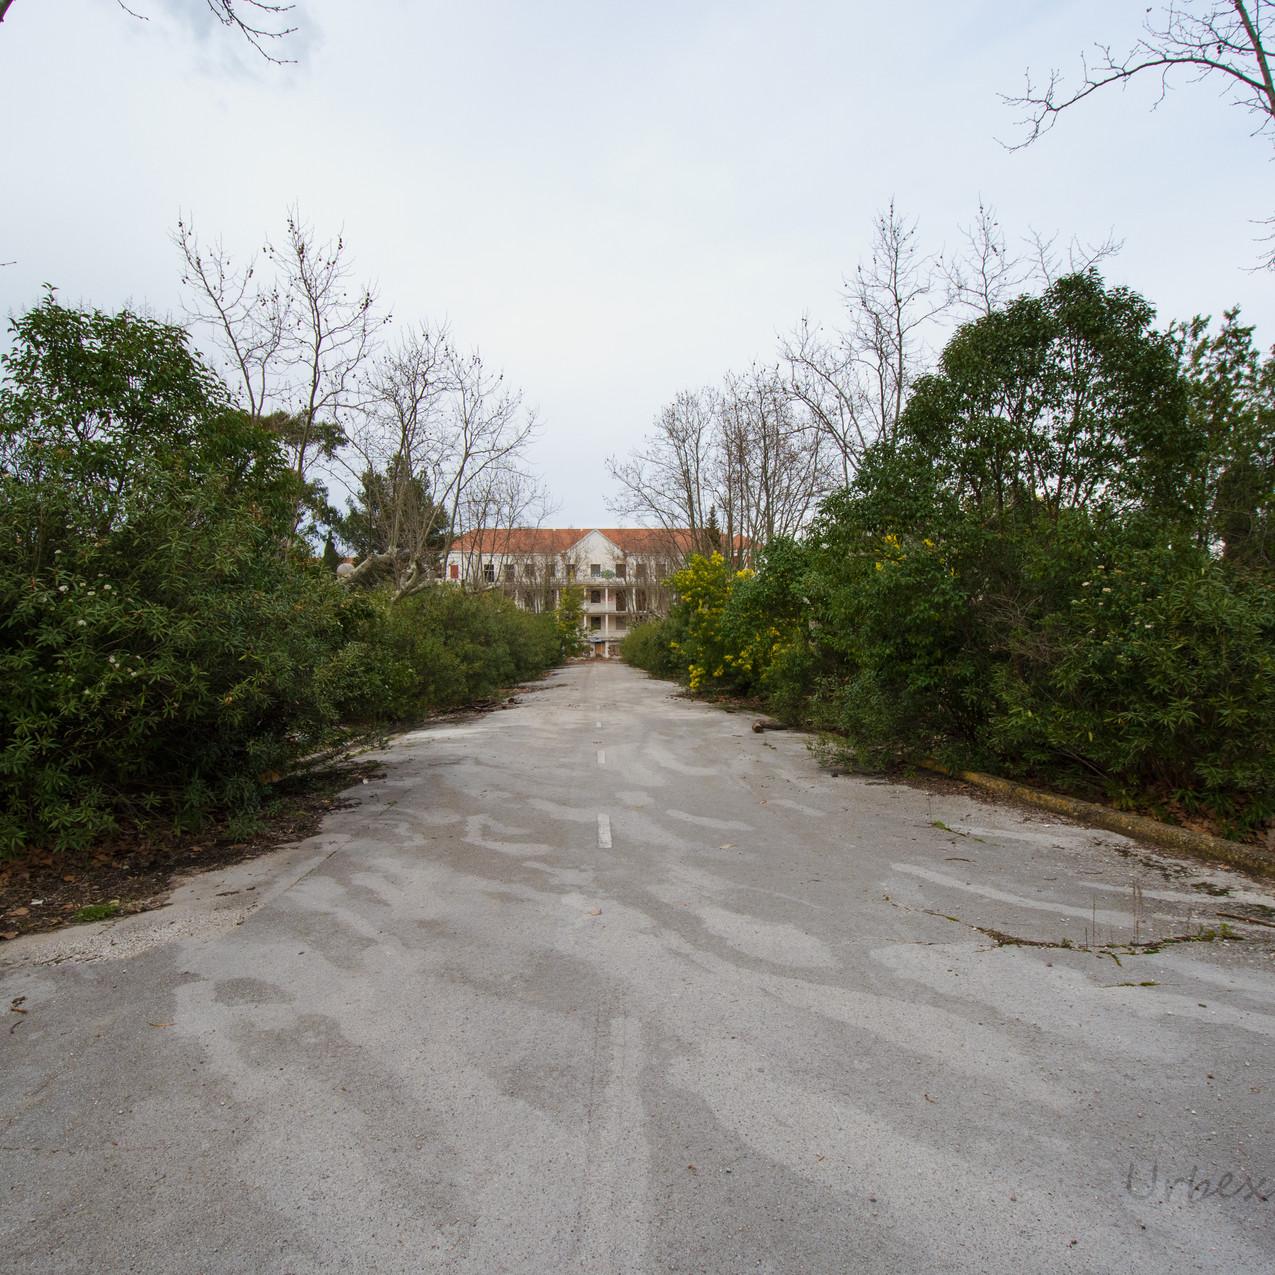 Sanatorium de la petite fée gothique 1